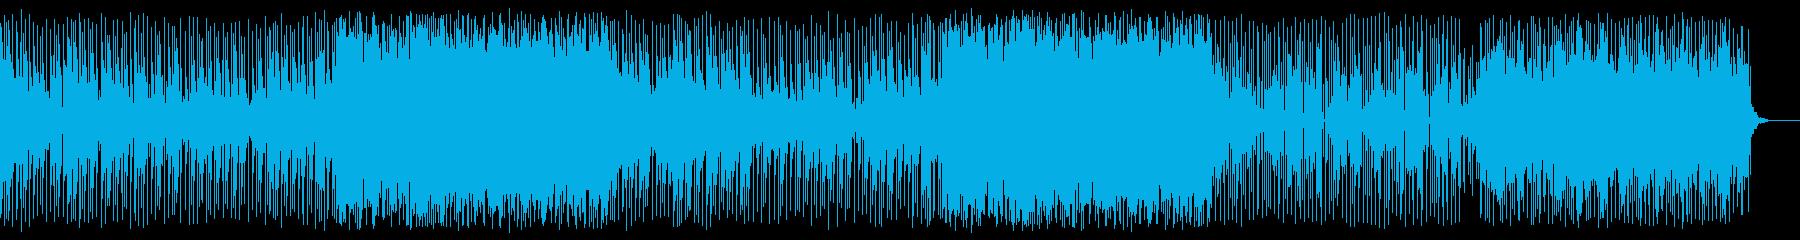 ポップ 説明的 静か お洒落 ハイ...の再生済みの波形